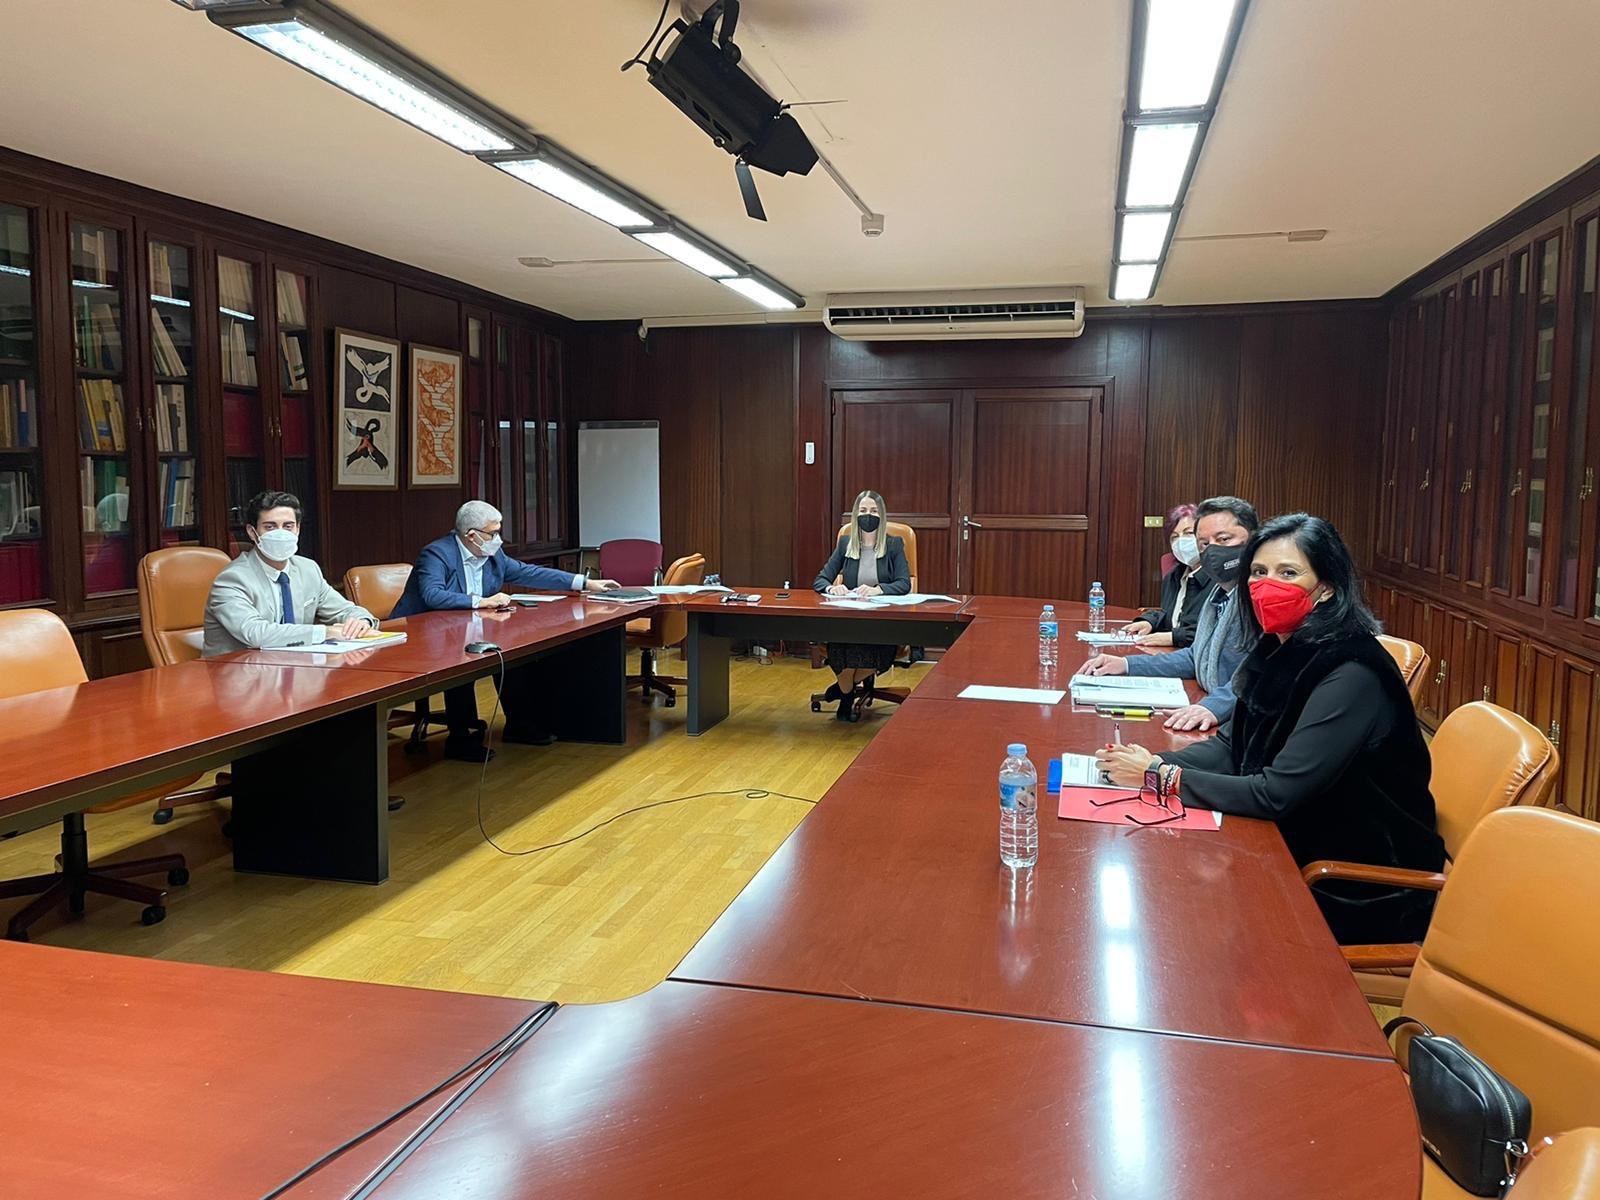 Turismo coordina mejoras de las infraestructuras en los municipios de Pájara, La Oliva y Antigua